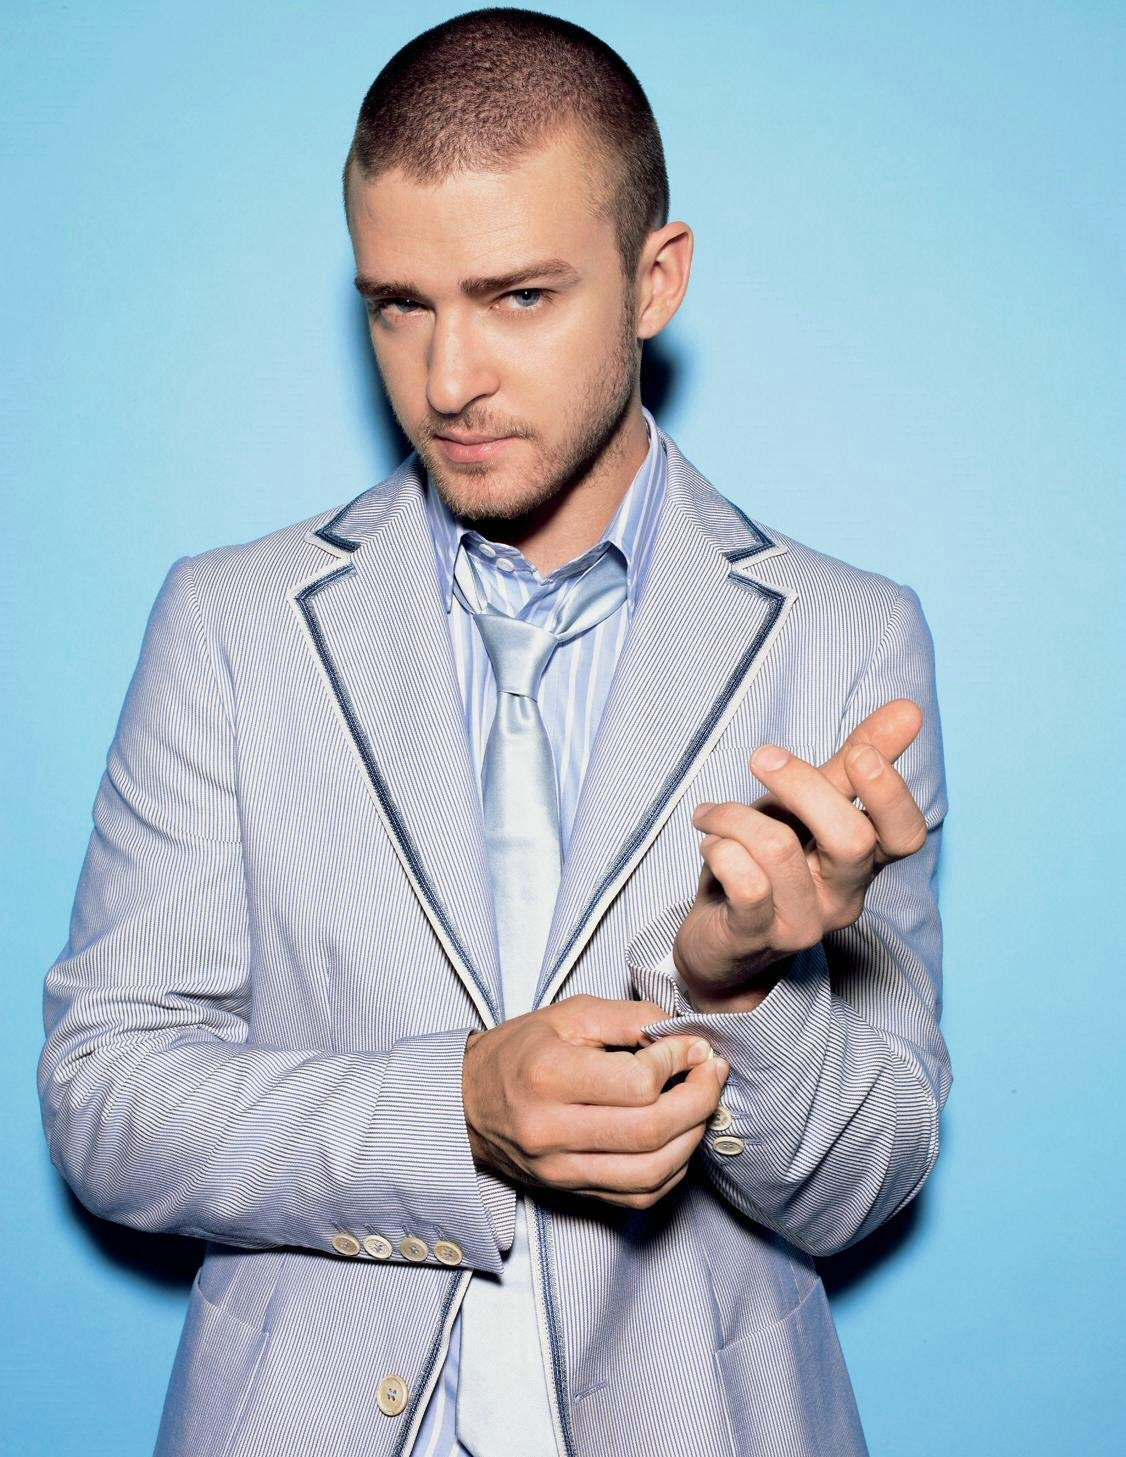 http://4.bp.blogspot.com/-W82R8czFpM8/UBWXpqbRycI/AAAAAAAAFsM/JEhFtSdpTt4/s1600/Justin+Timberlake-0038.jpg